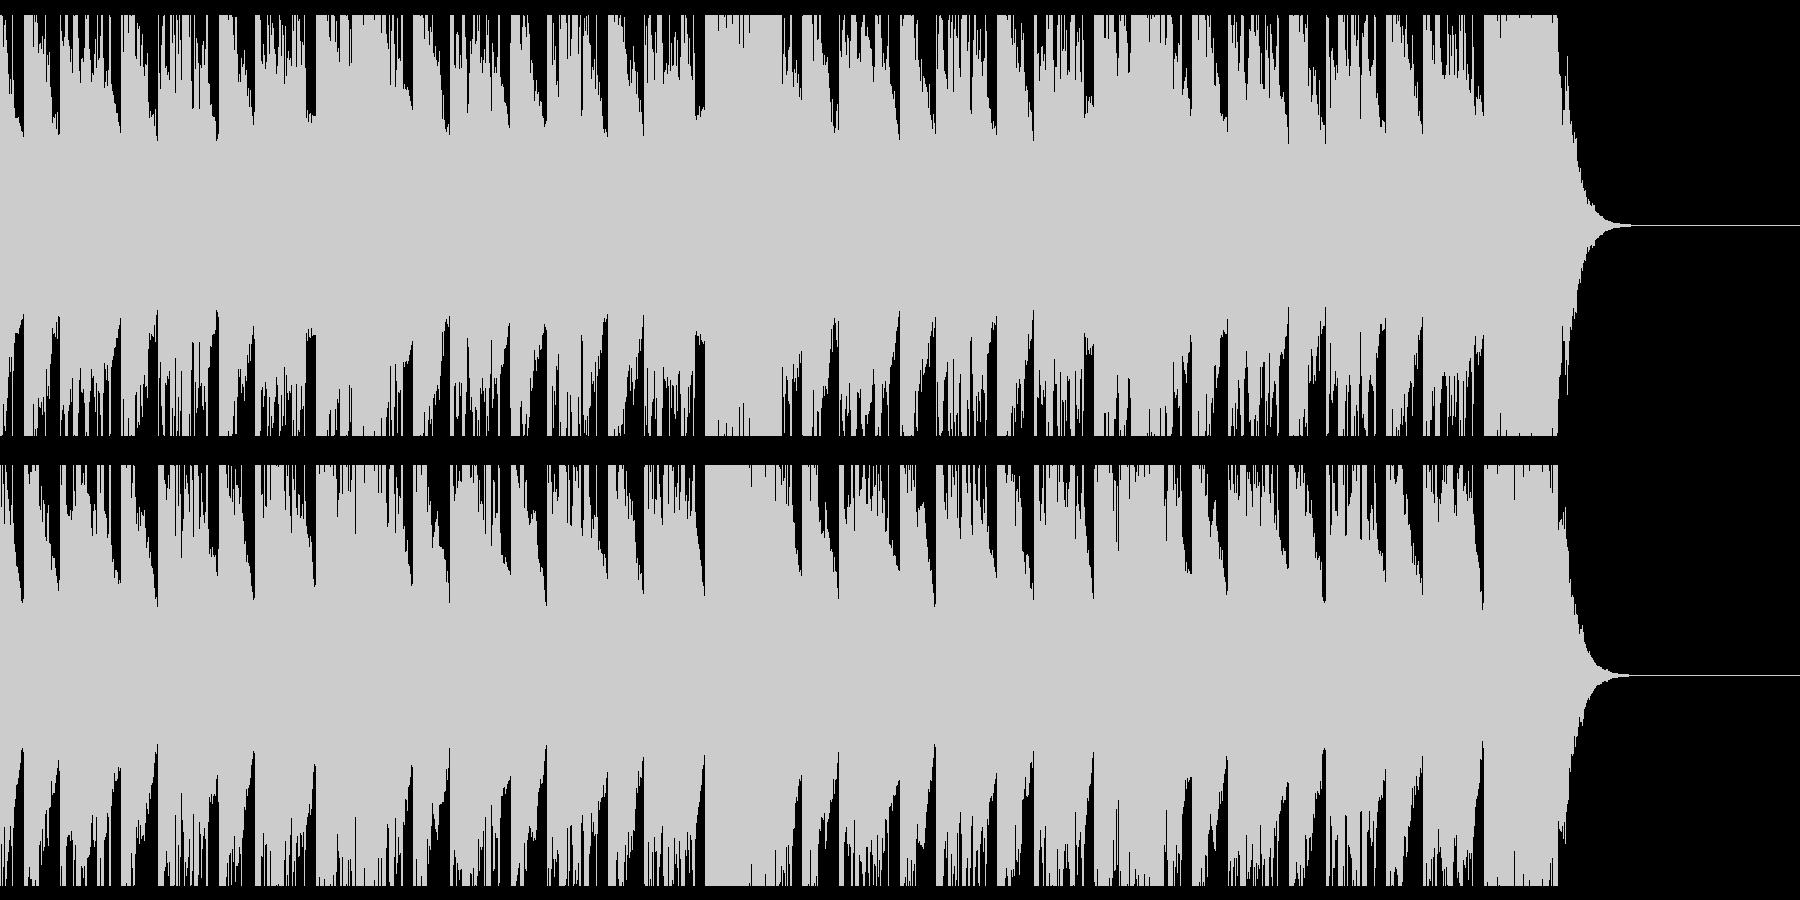 マフィア/オーケストラ/ショートの未再生の波形